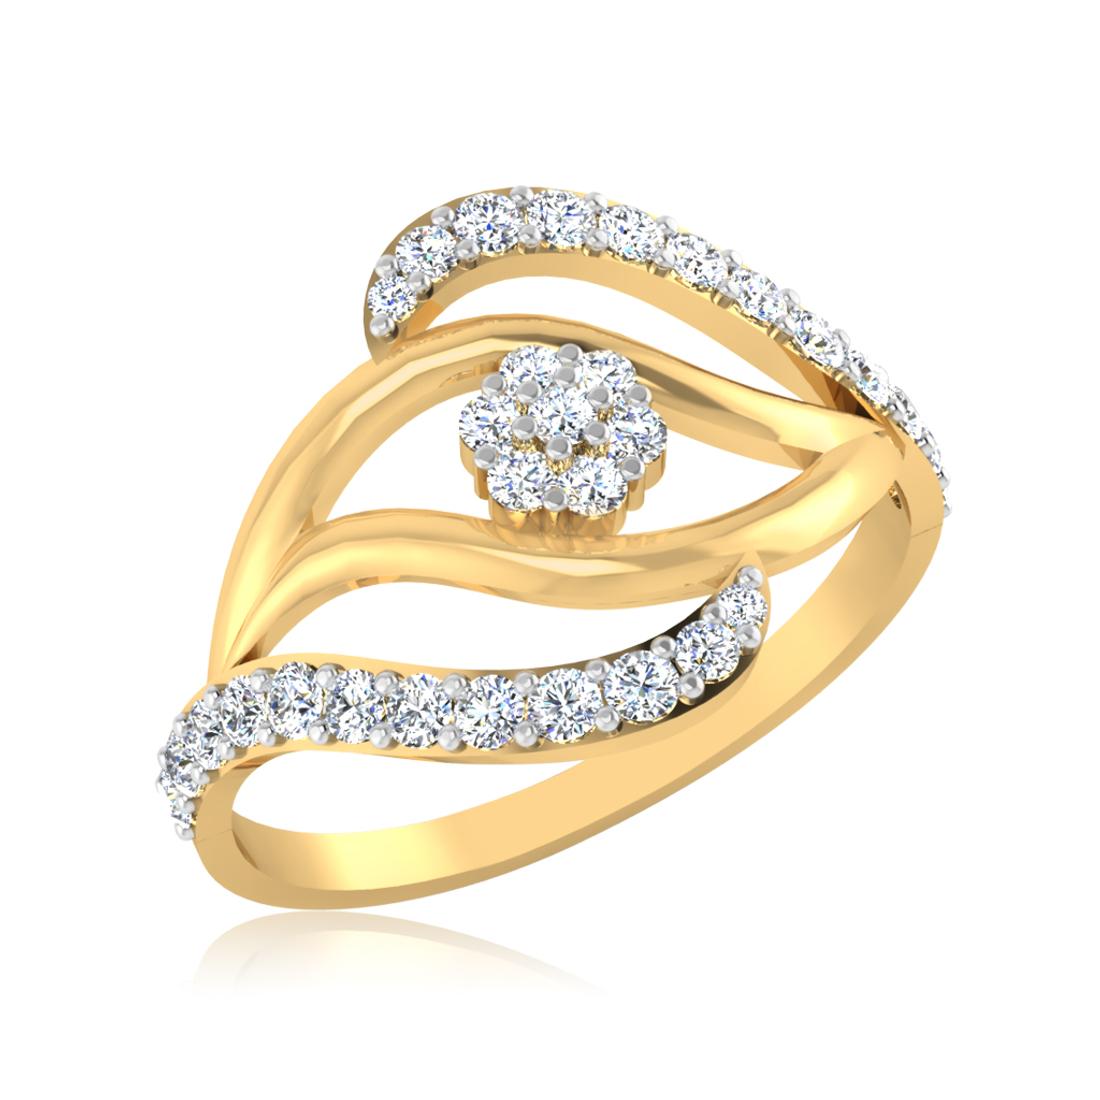 Iski Uski Floral Ring